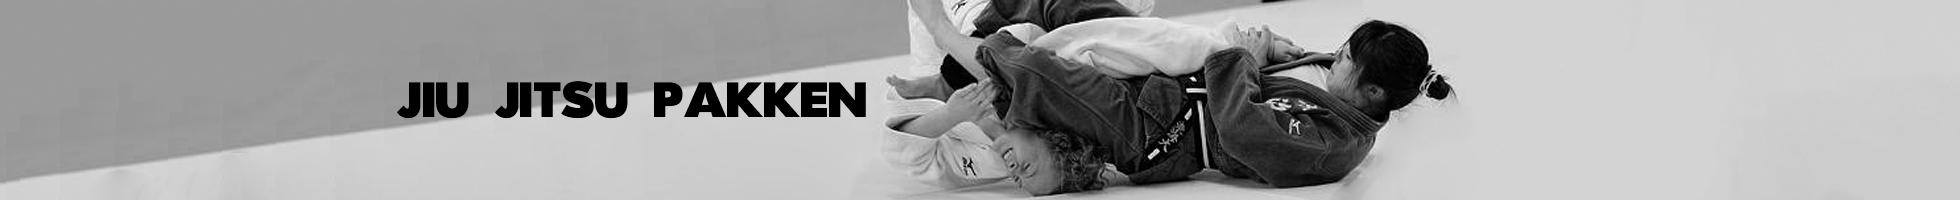 Jiu-Jitsu pakken